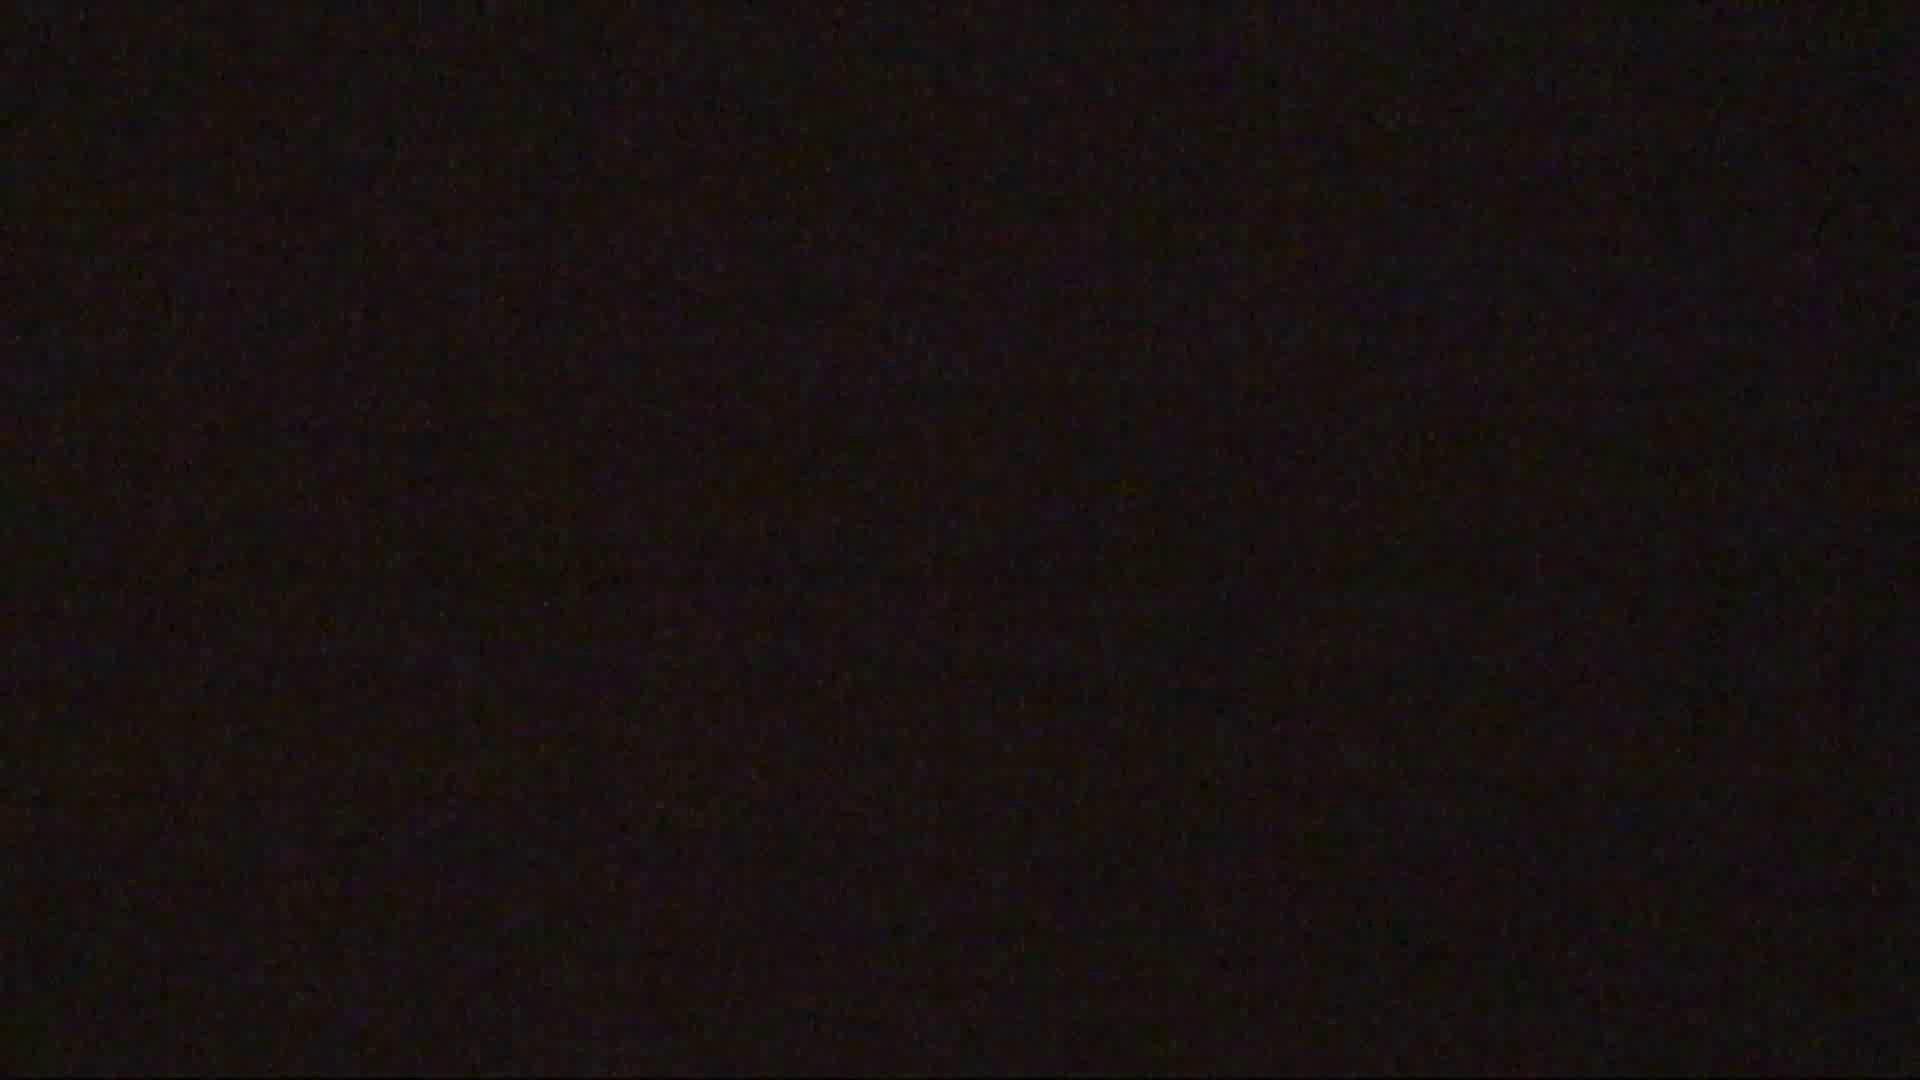 vol.02超可愛すぎる彼女の裸体をハイビジョンで!至近距離での眺め最高! 民家 オマンコ無修正動画無料 94連発 77